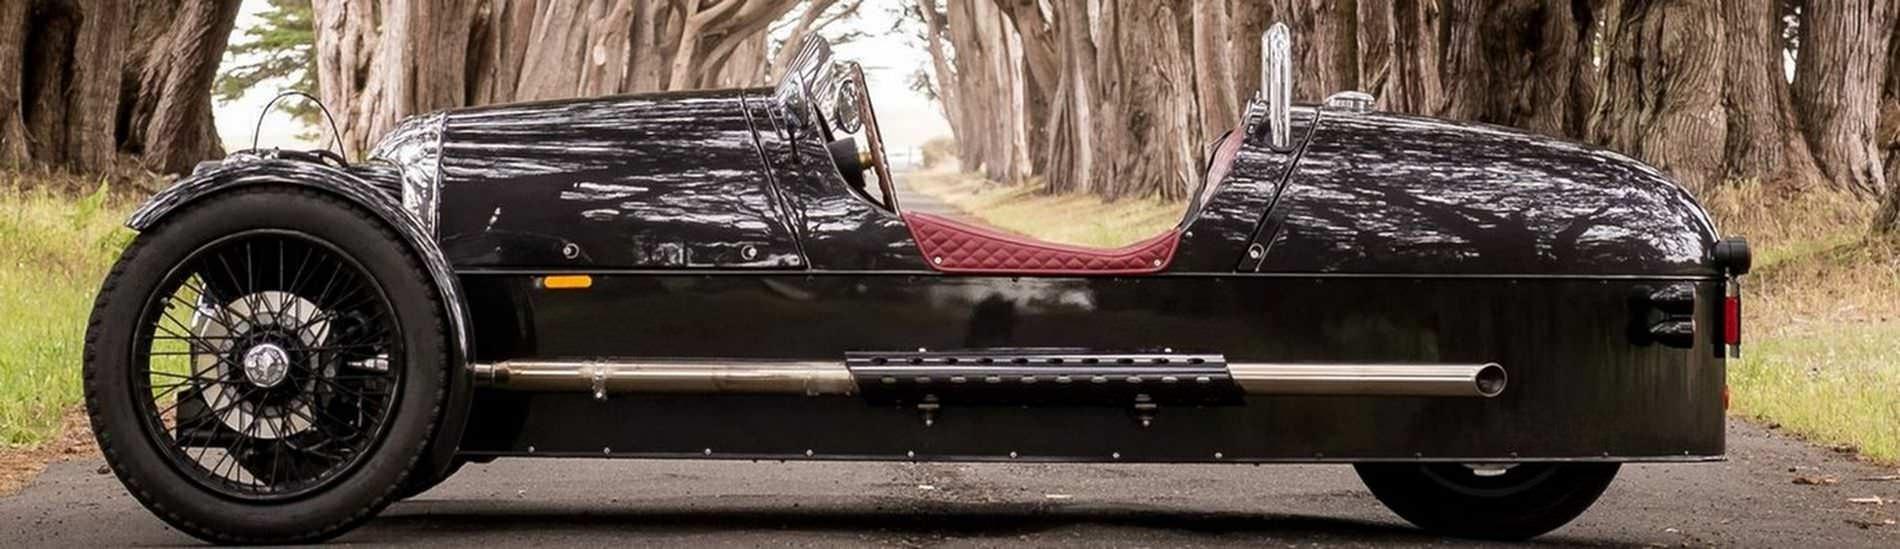 Slider 3-wheeler